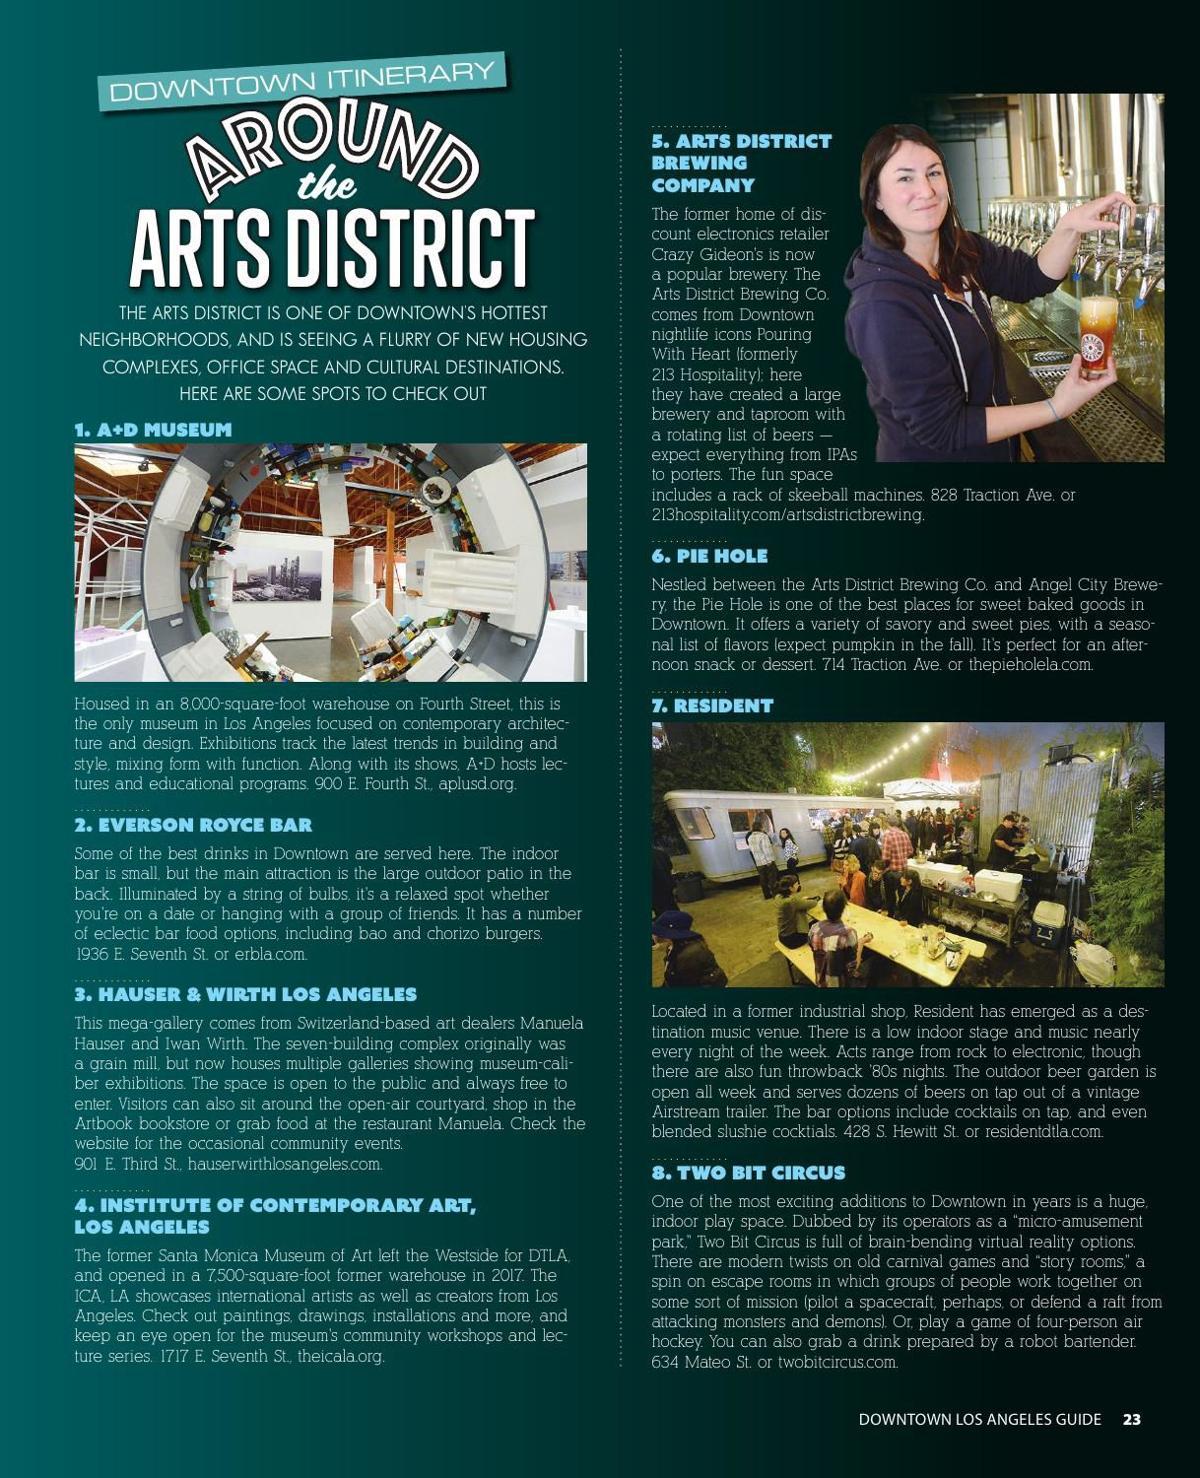 Around Arts District